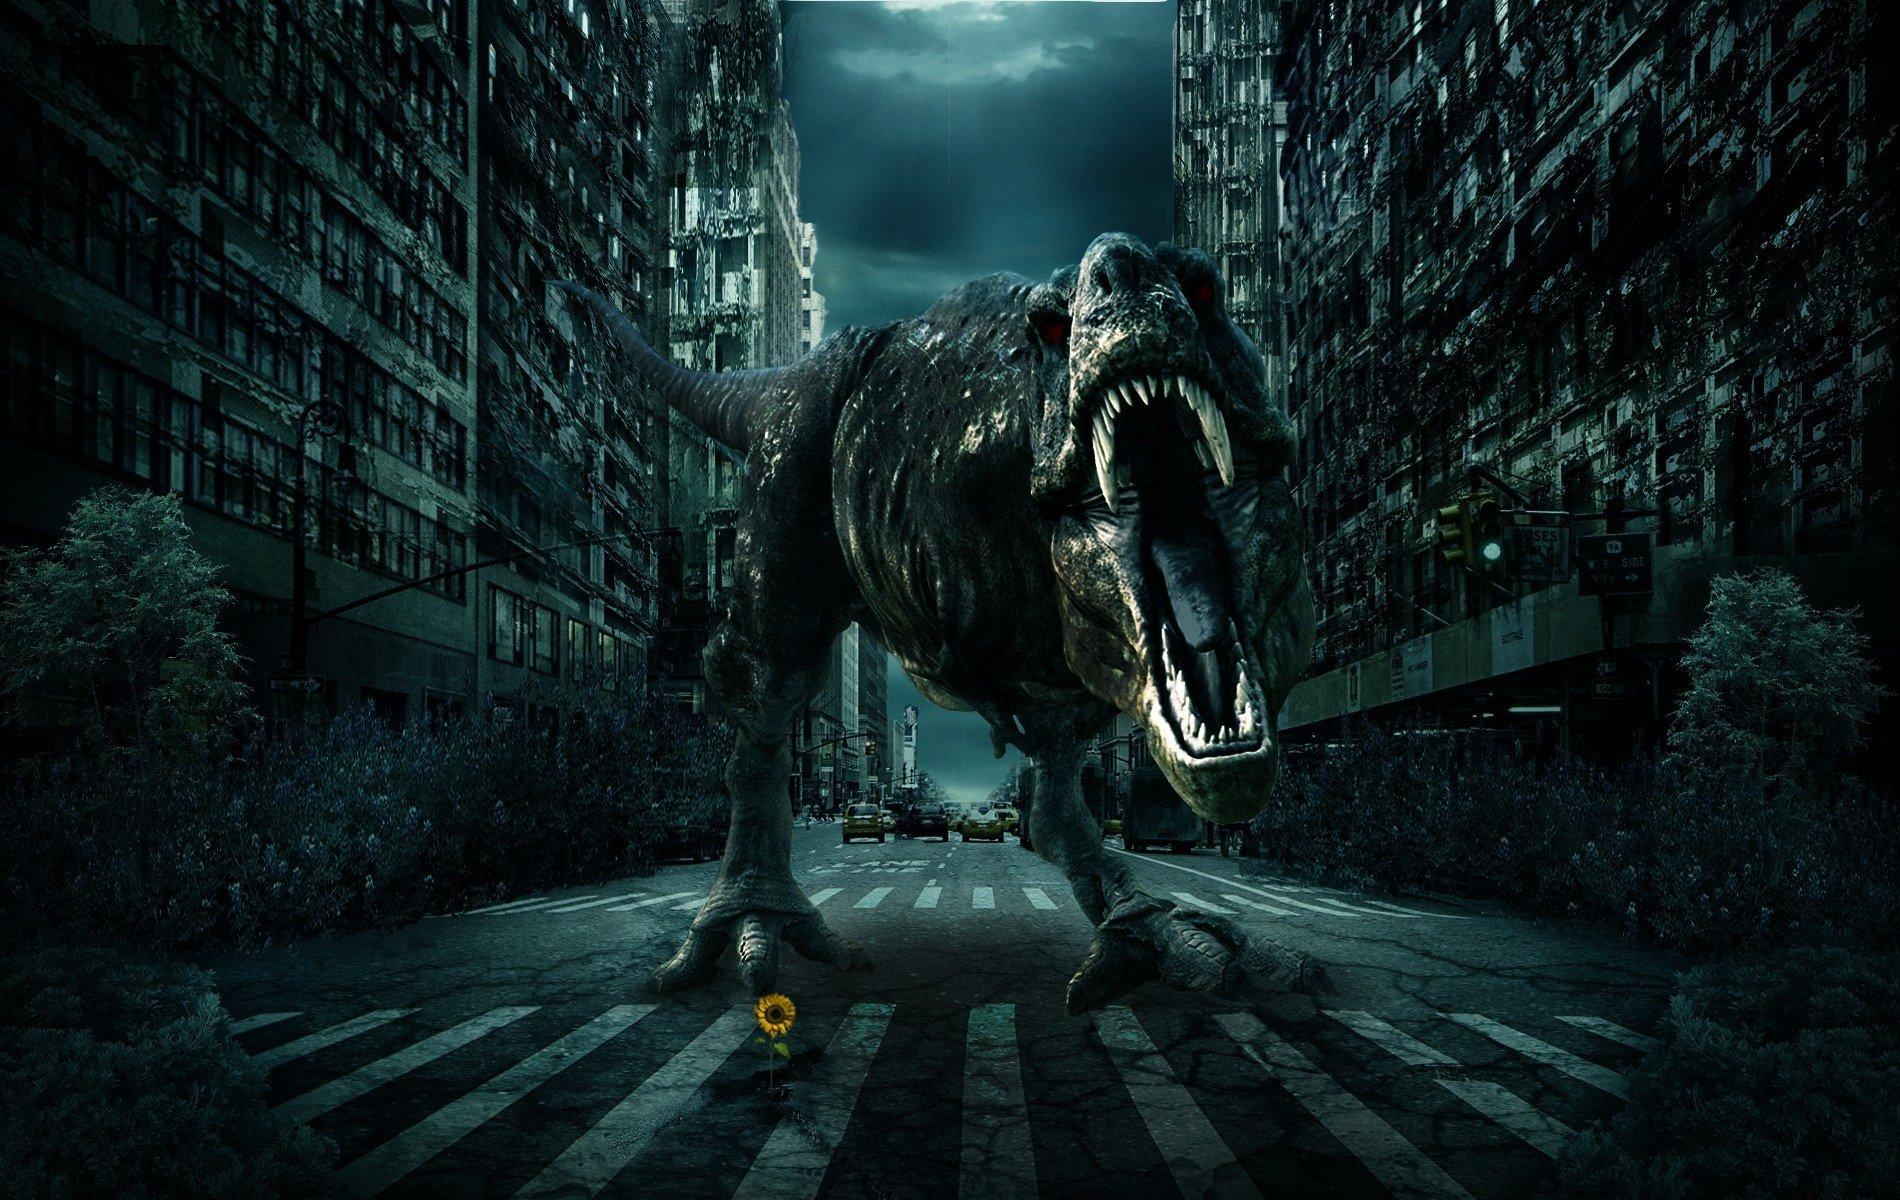 Wallpaper 1900x1200 Px 3d City Dinosaur Fantasy